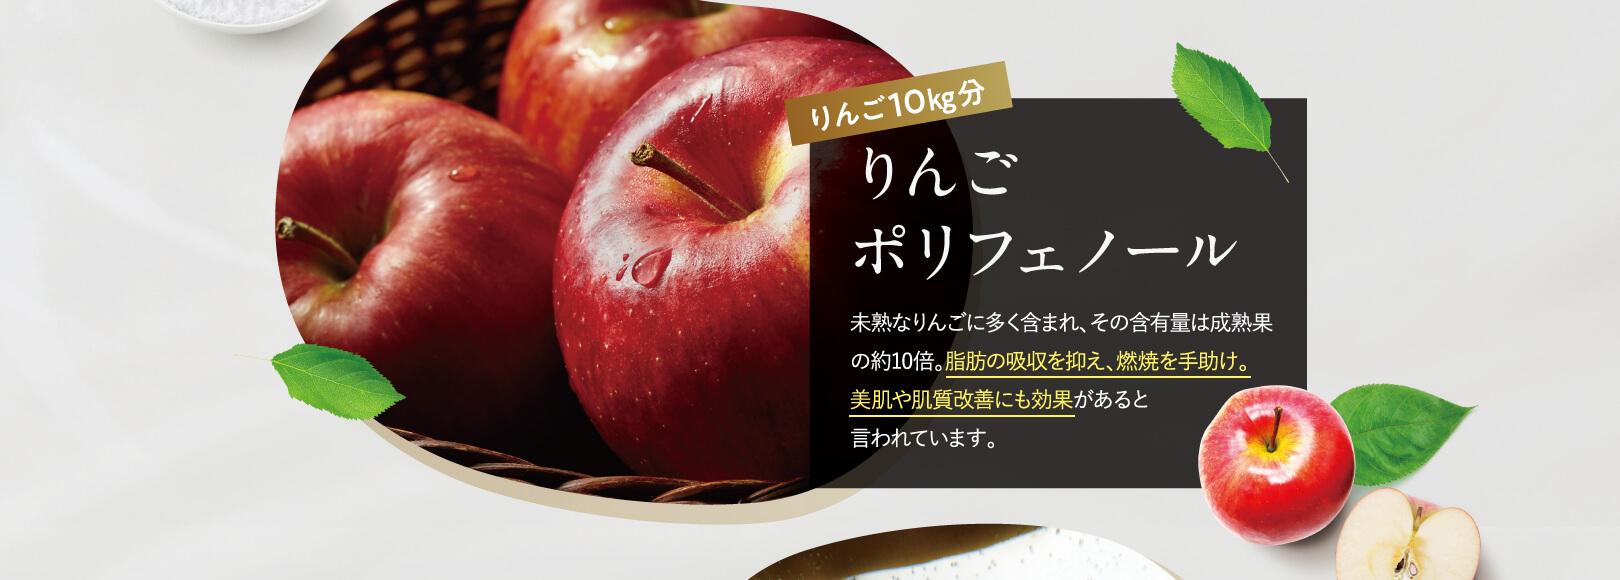 りんご10㎏分 りんごポリフェノール